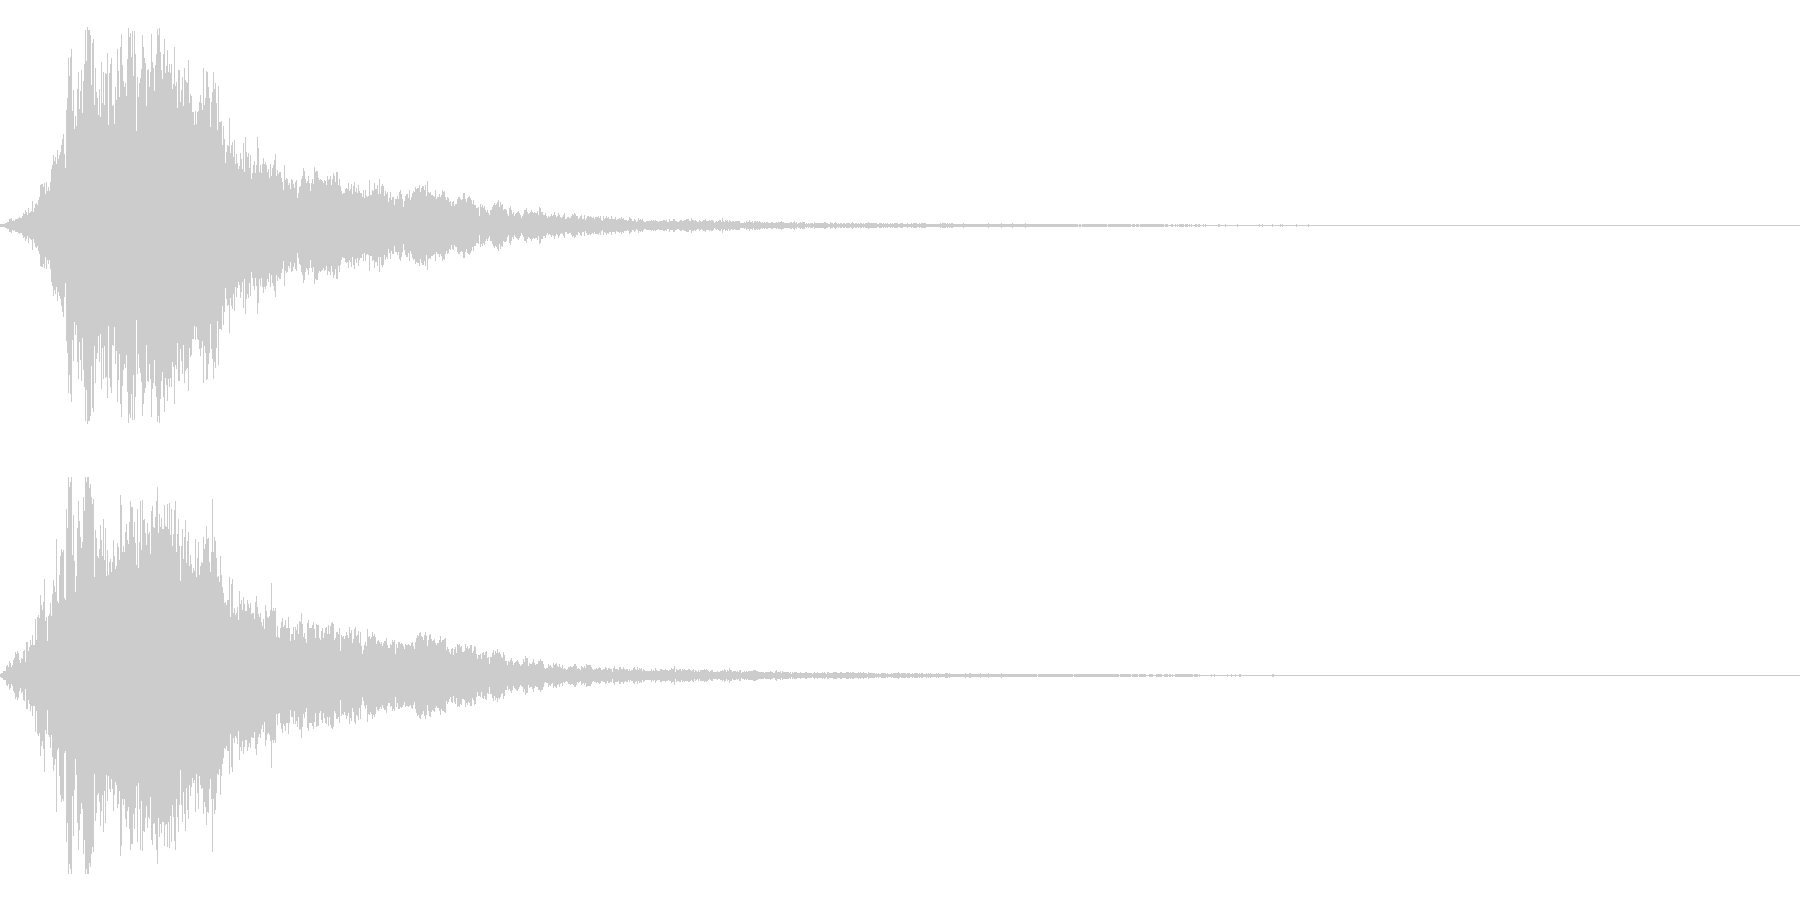 シャキーン!勢いのあるインパクト音 03の未再生の波形